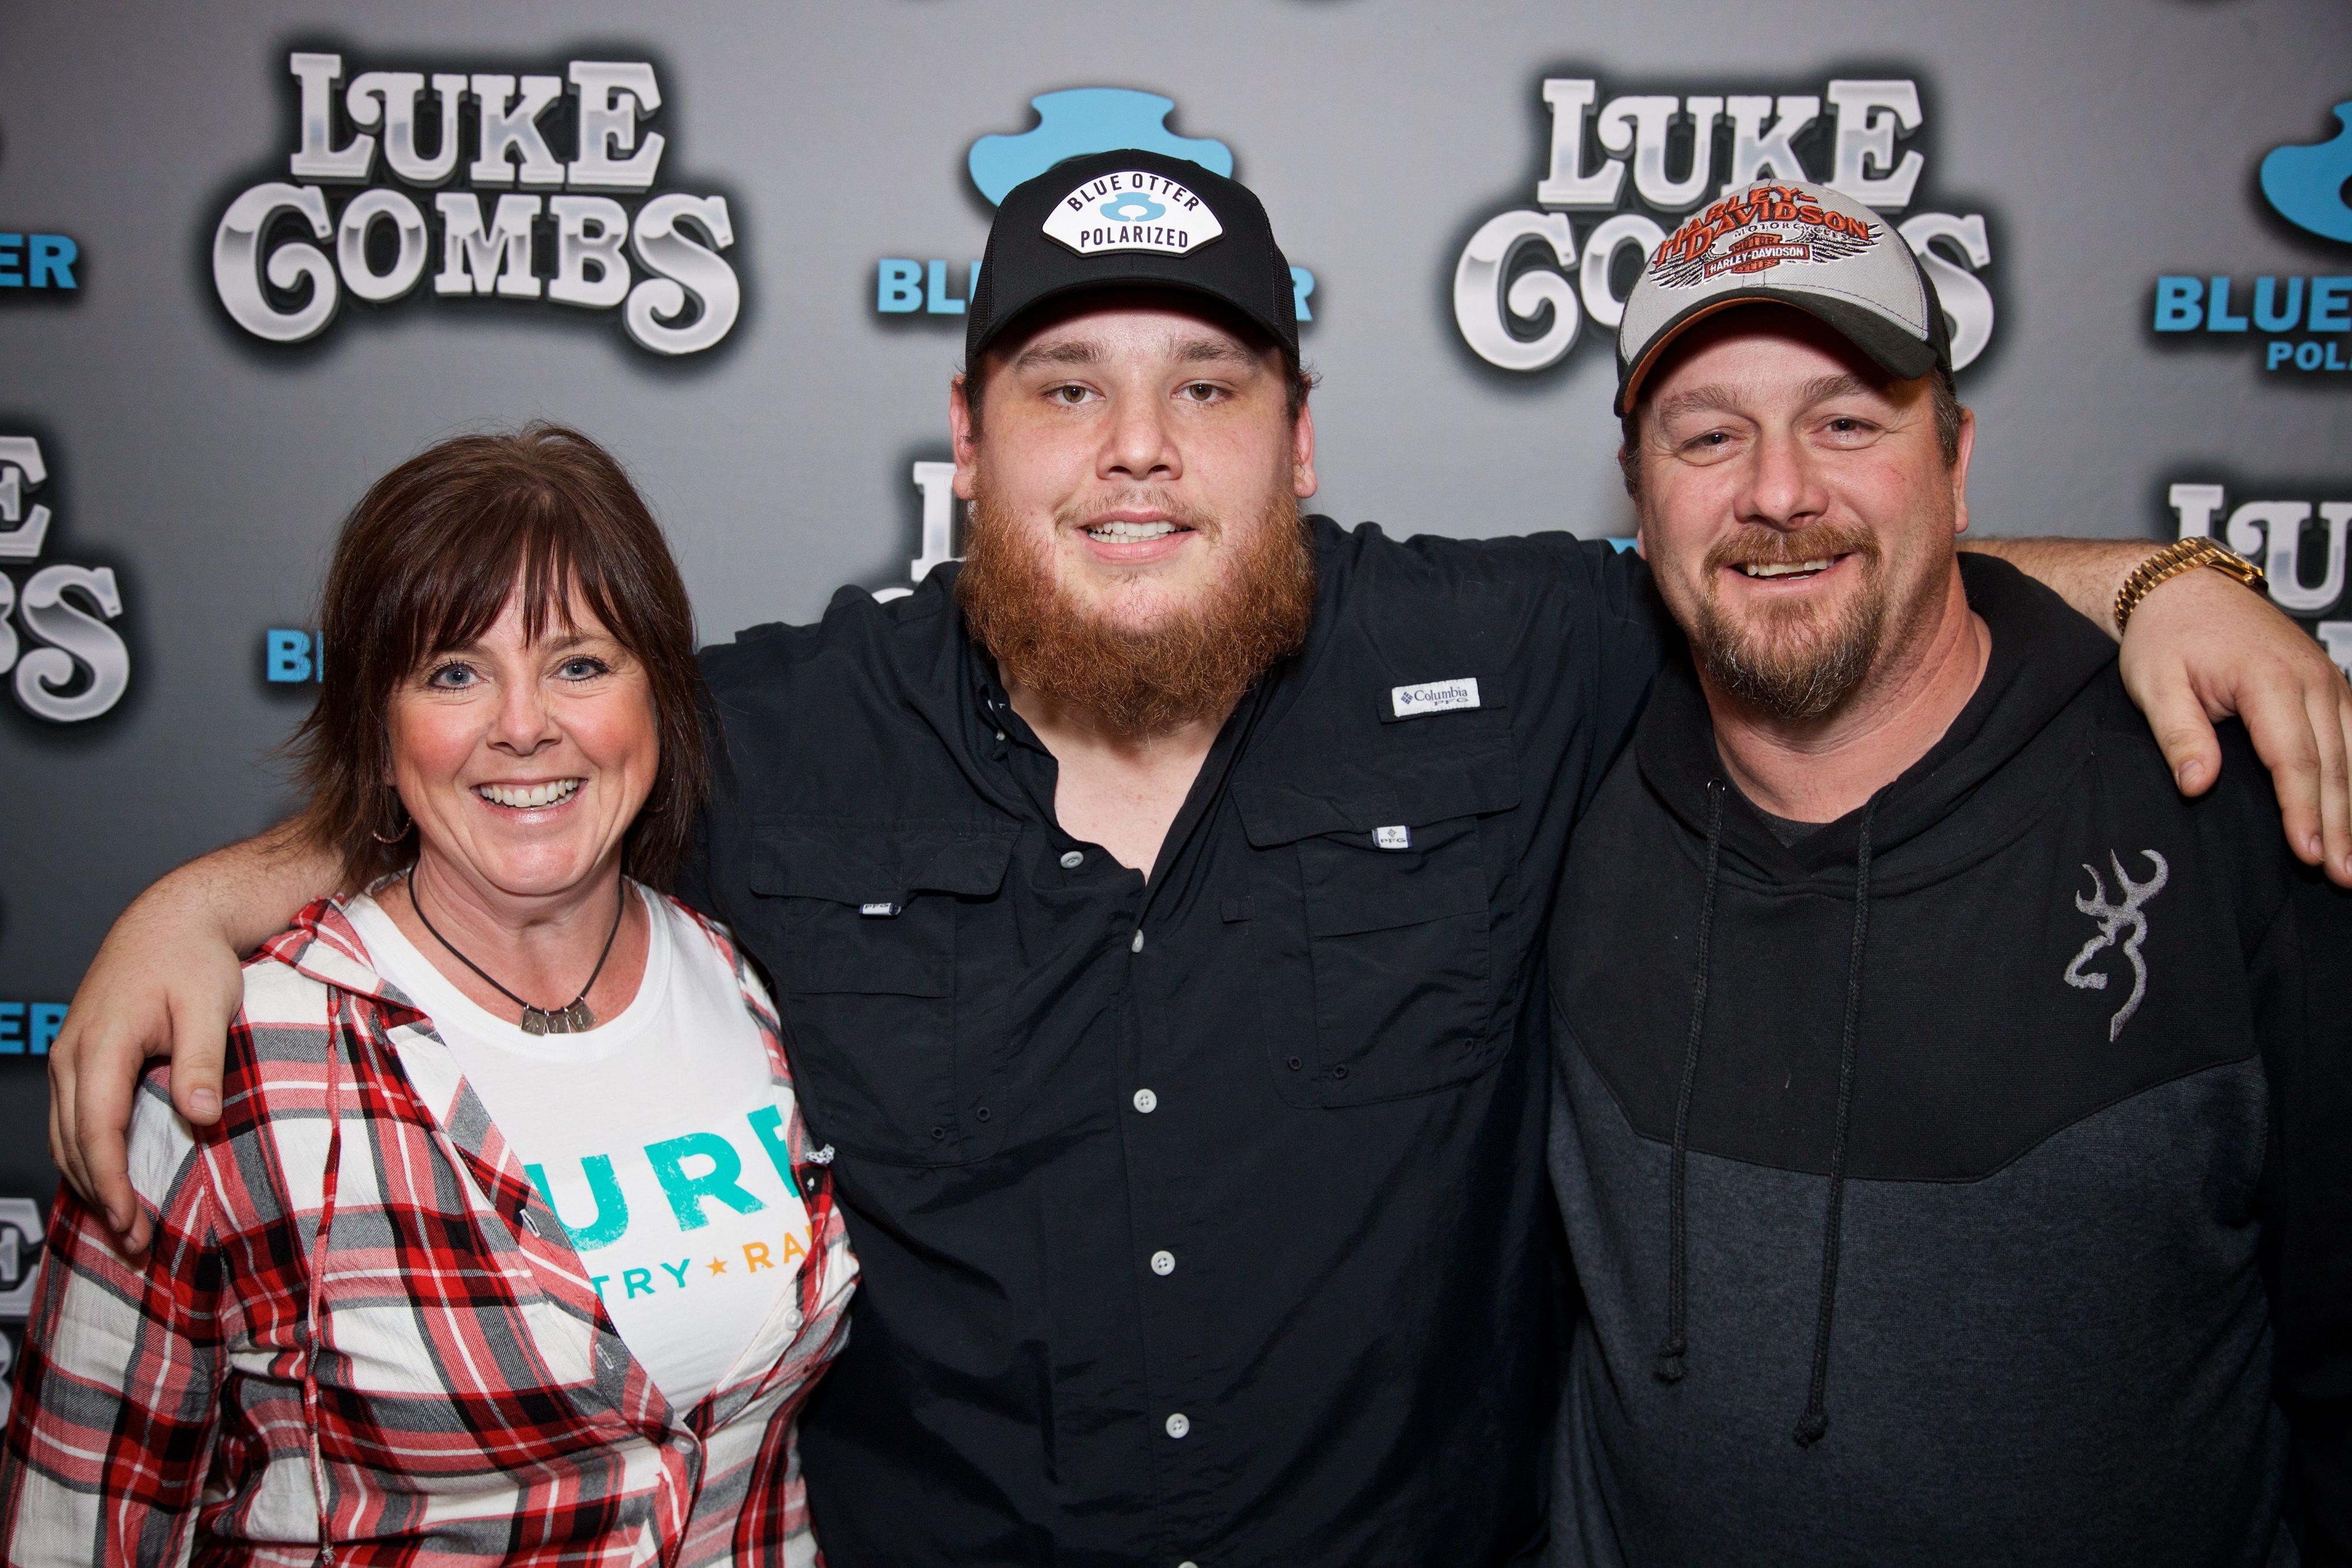 20191212_Luke_Combs_Nashville_0435